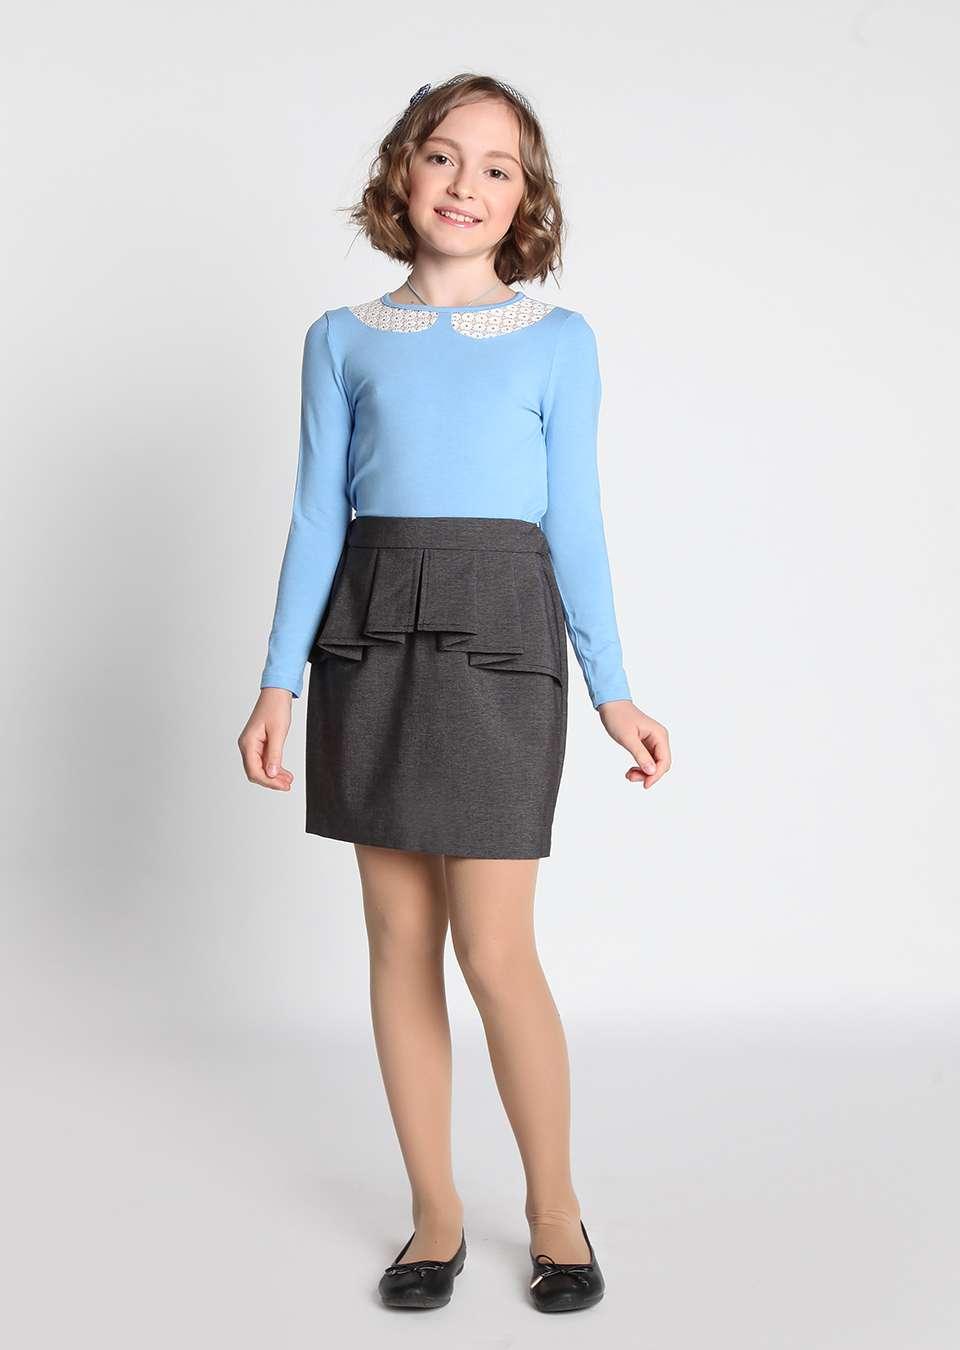 Блузка Воротничек школьная для девочек